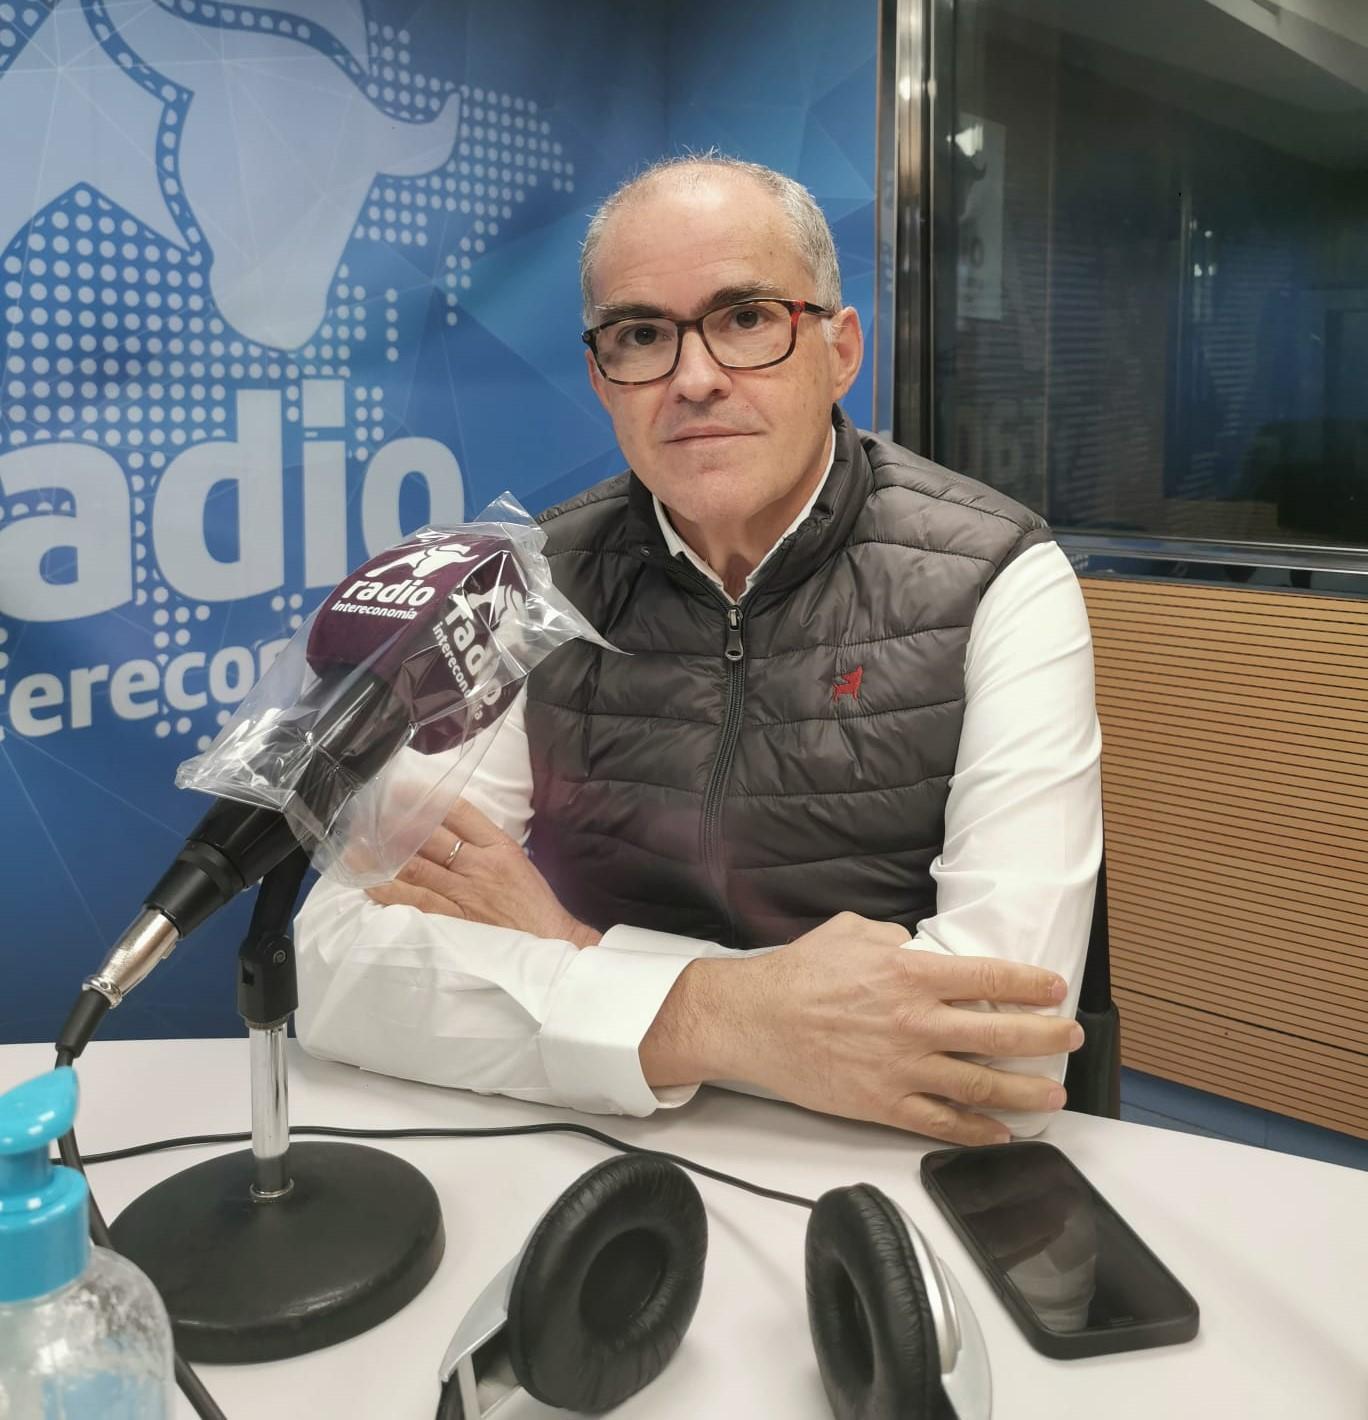 """Fernando de Rosa en El Intercafé: """"Hace un año estábamos debatiendo sobre las manifestaciones del 8M y el material sanitario, y ahora estamos igual"""""""""""